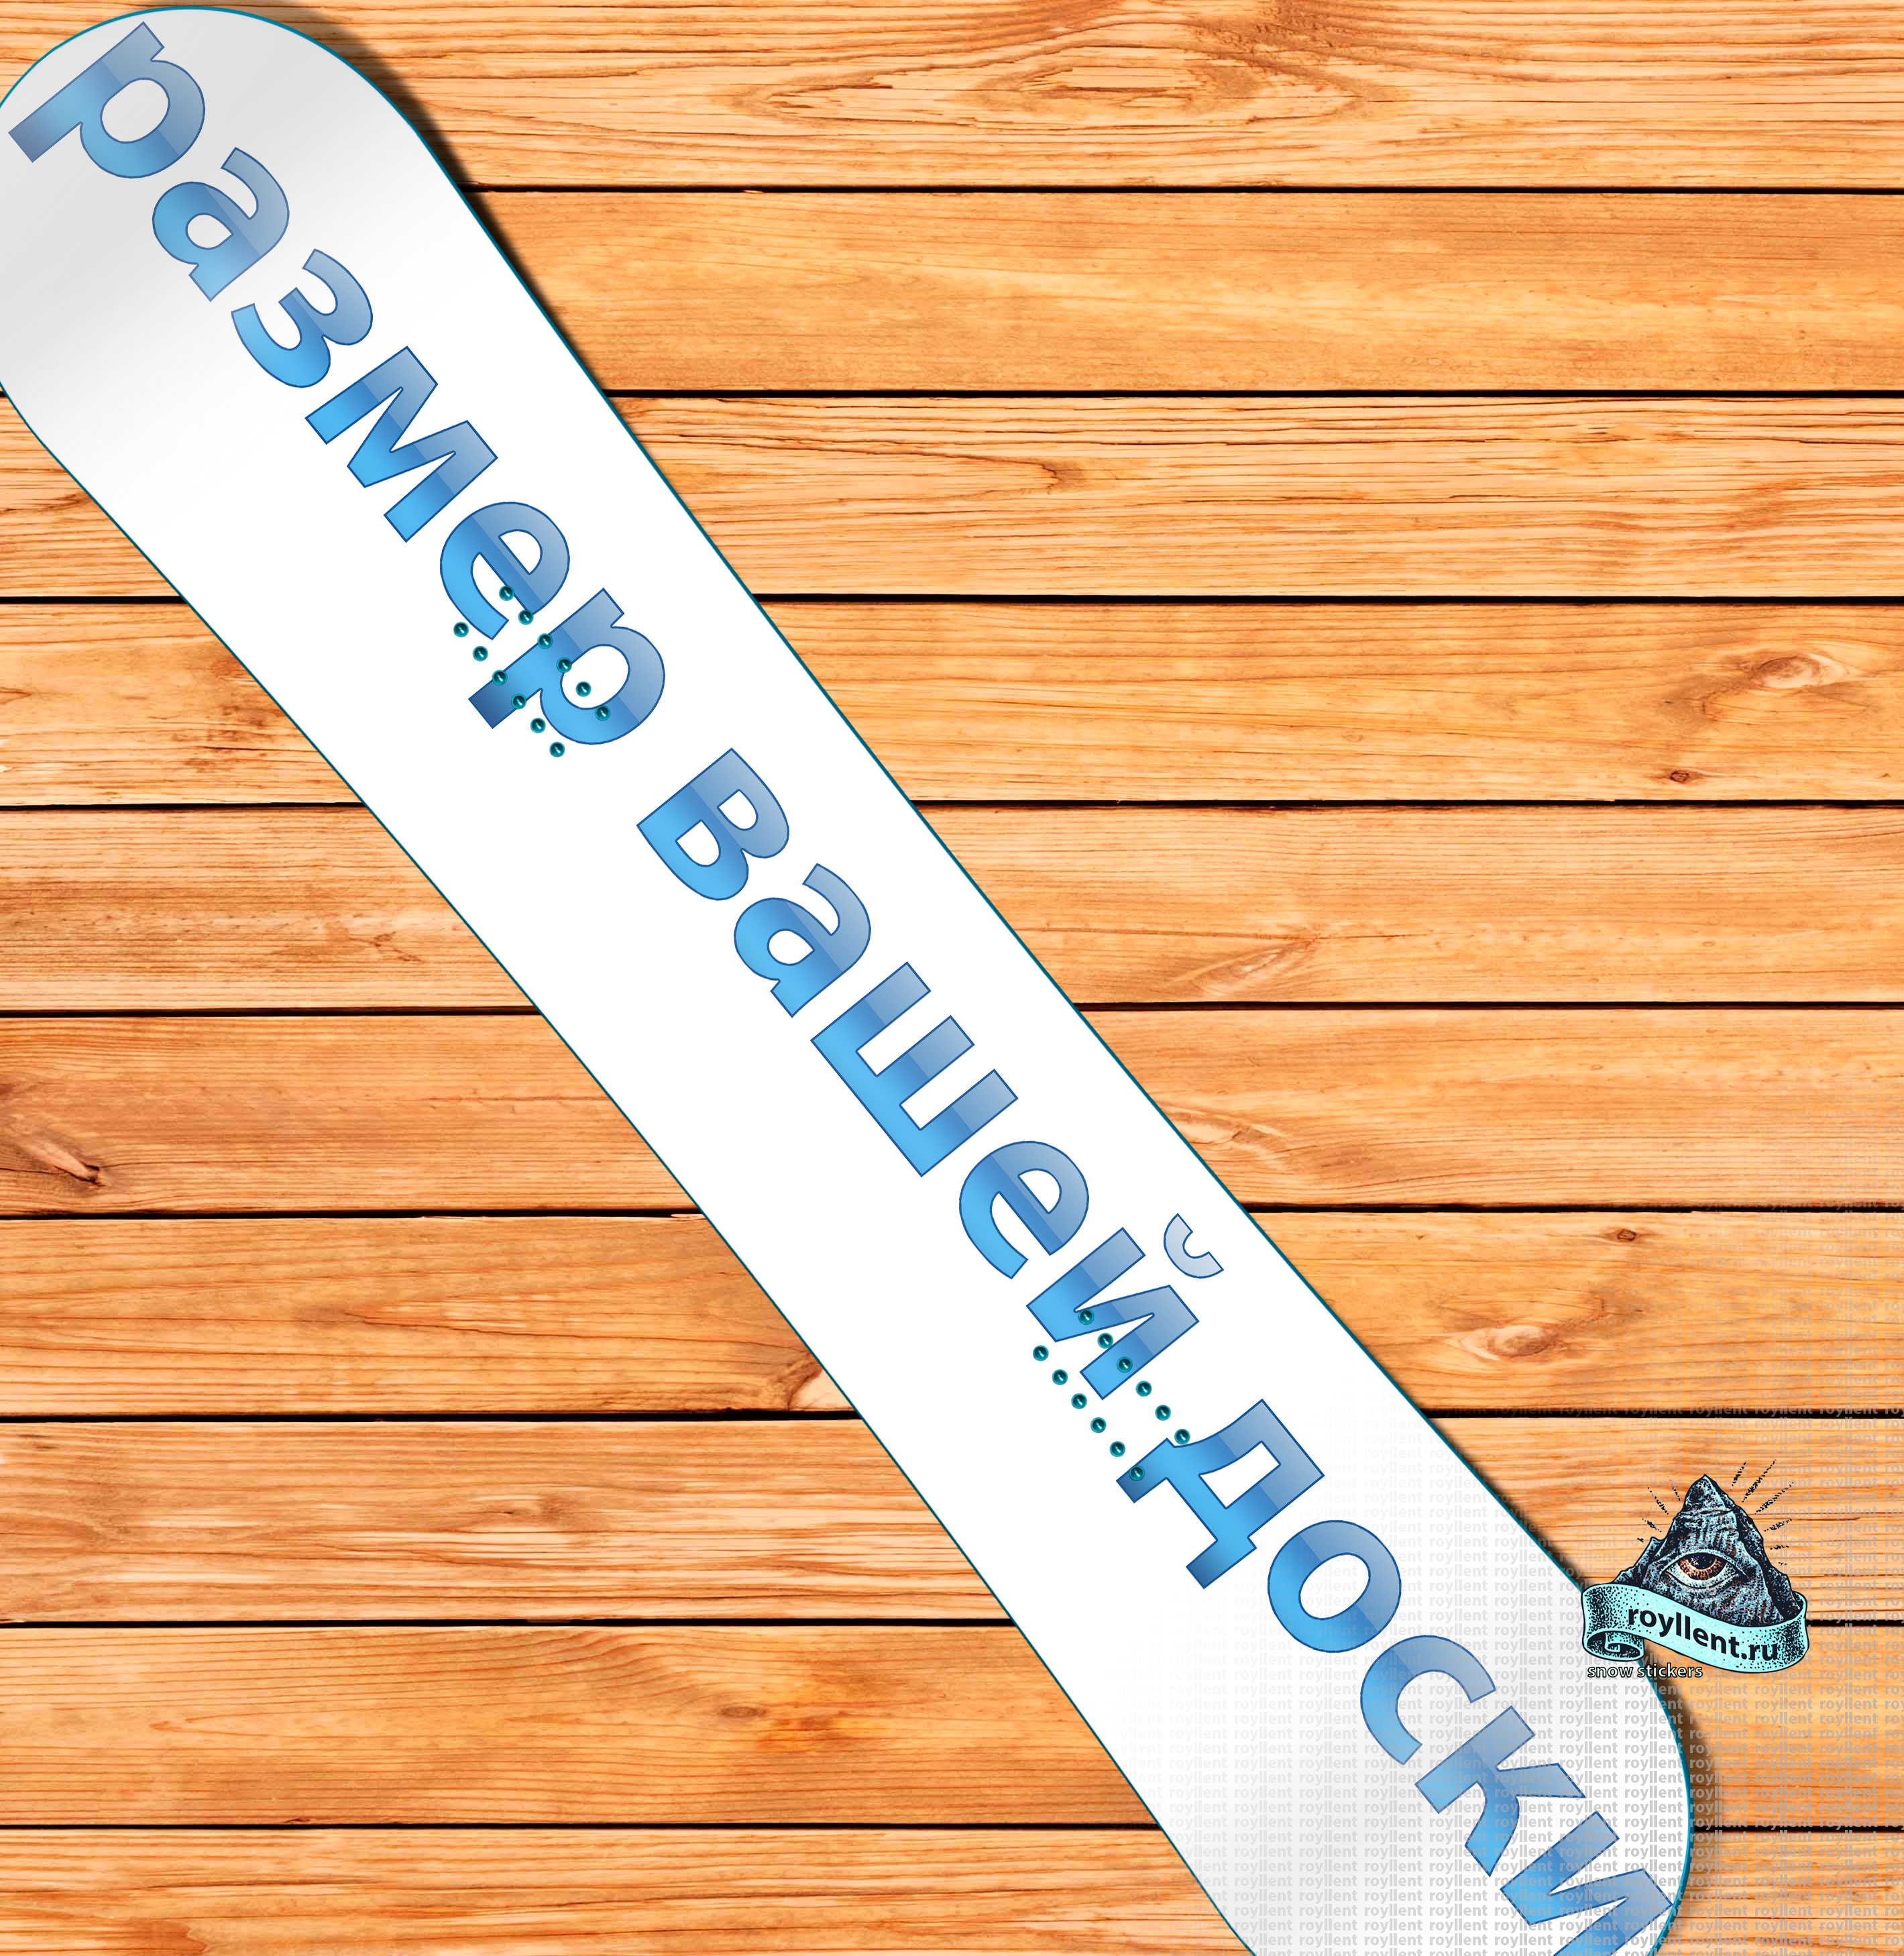 размер доски, ростовка, сноуборд доска, размер сноуборда, изменить размер доски, изменить размер сноубордв